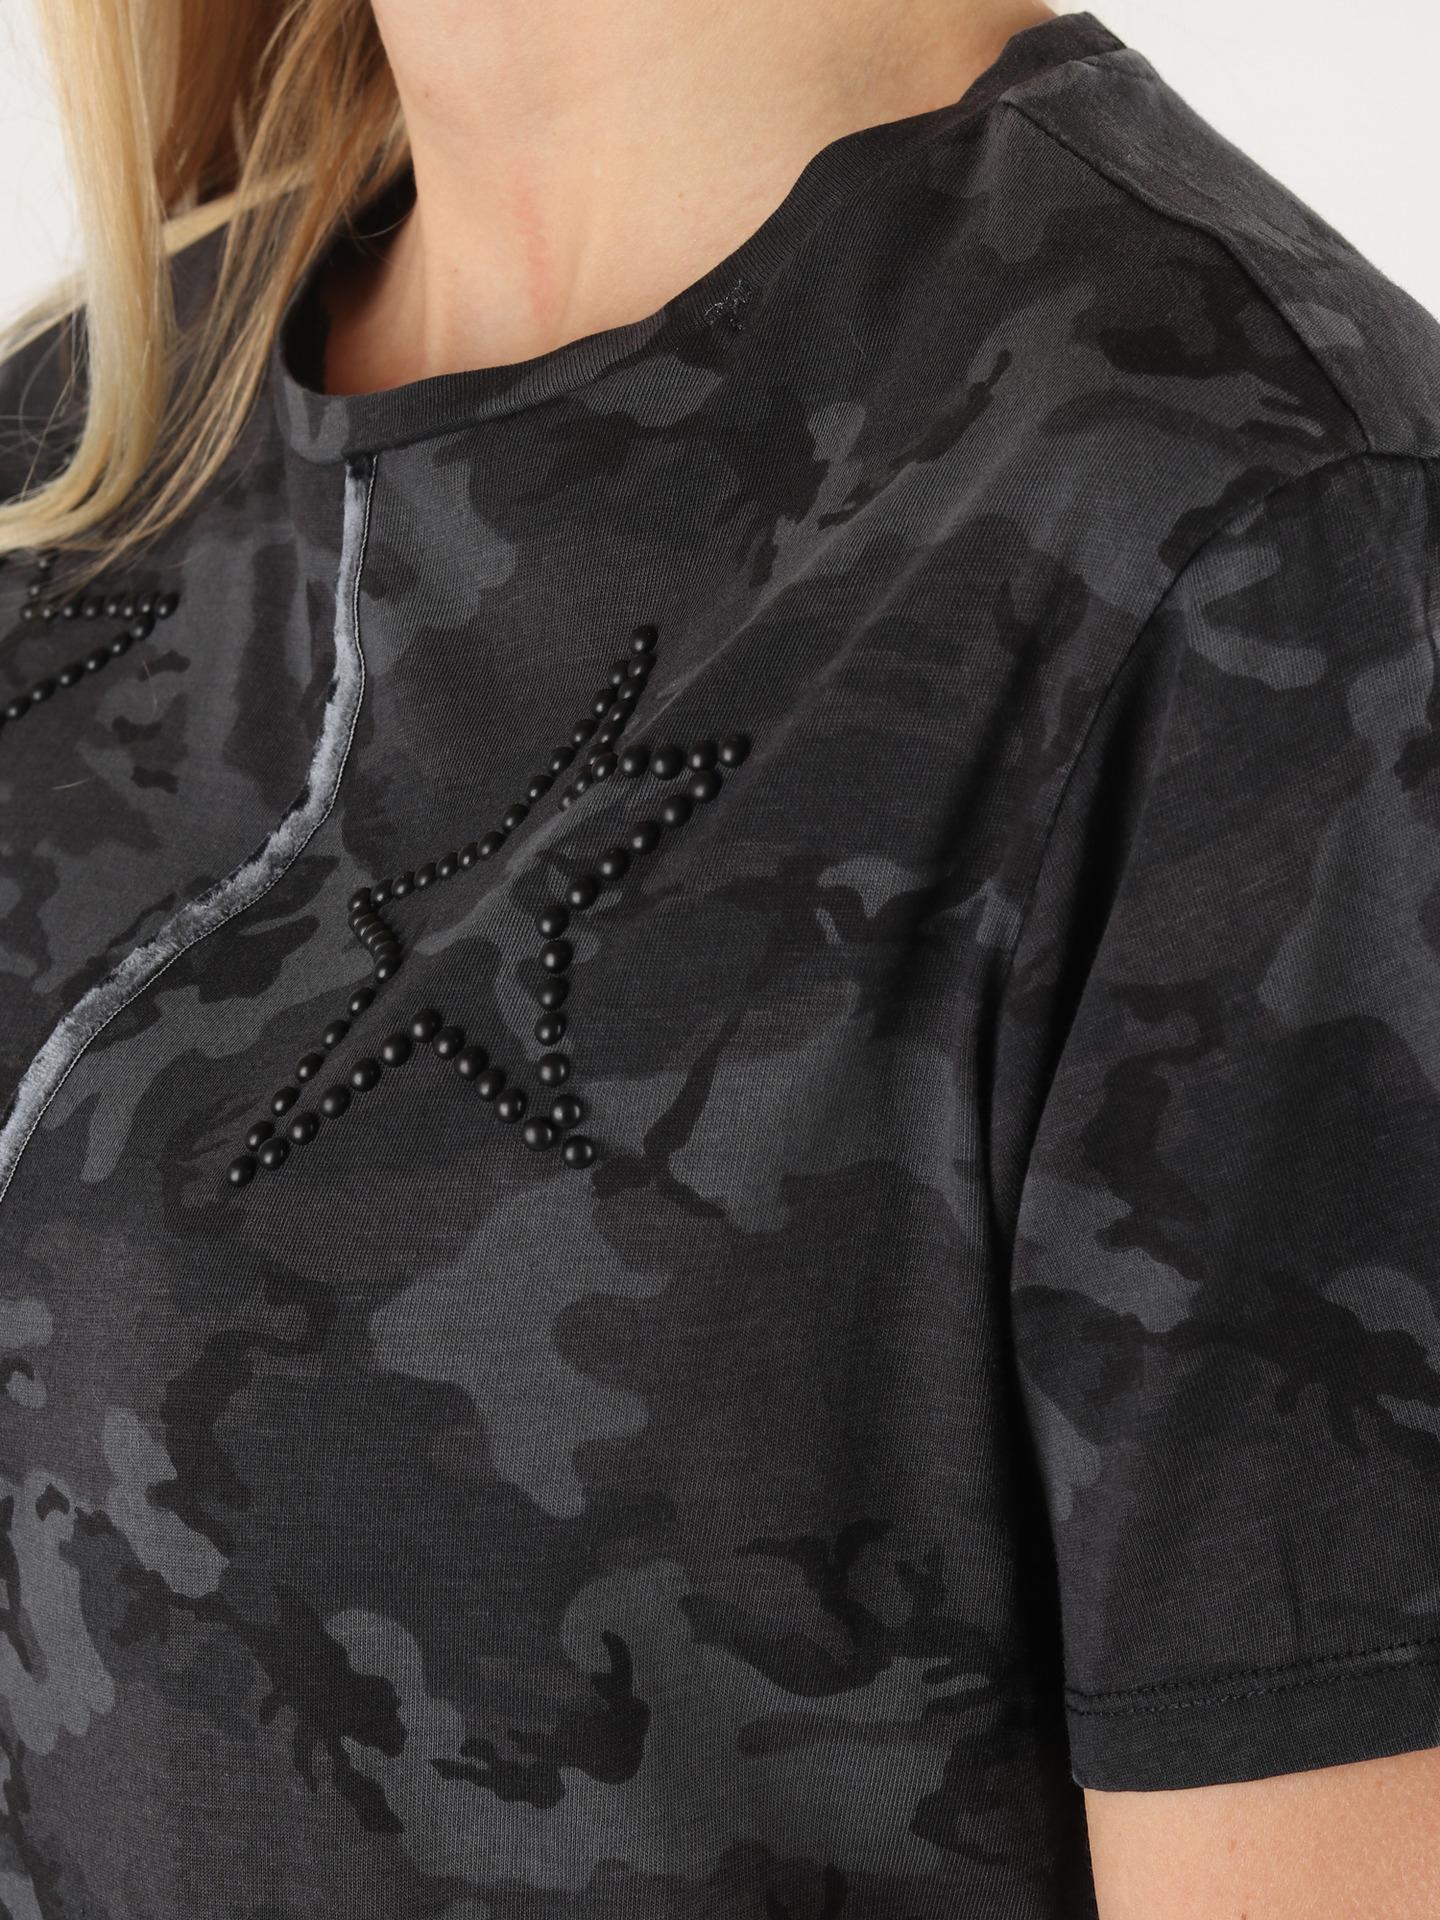 Replay Maglietta donna nero